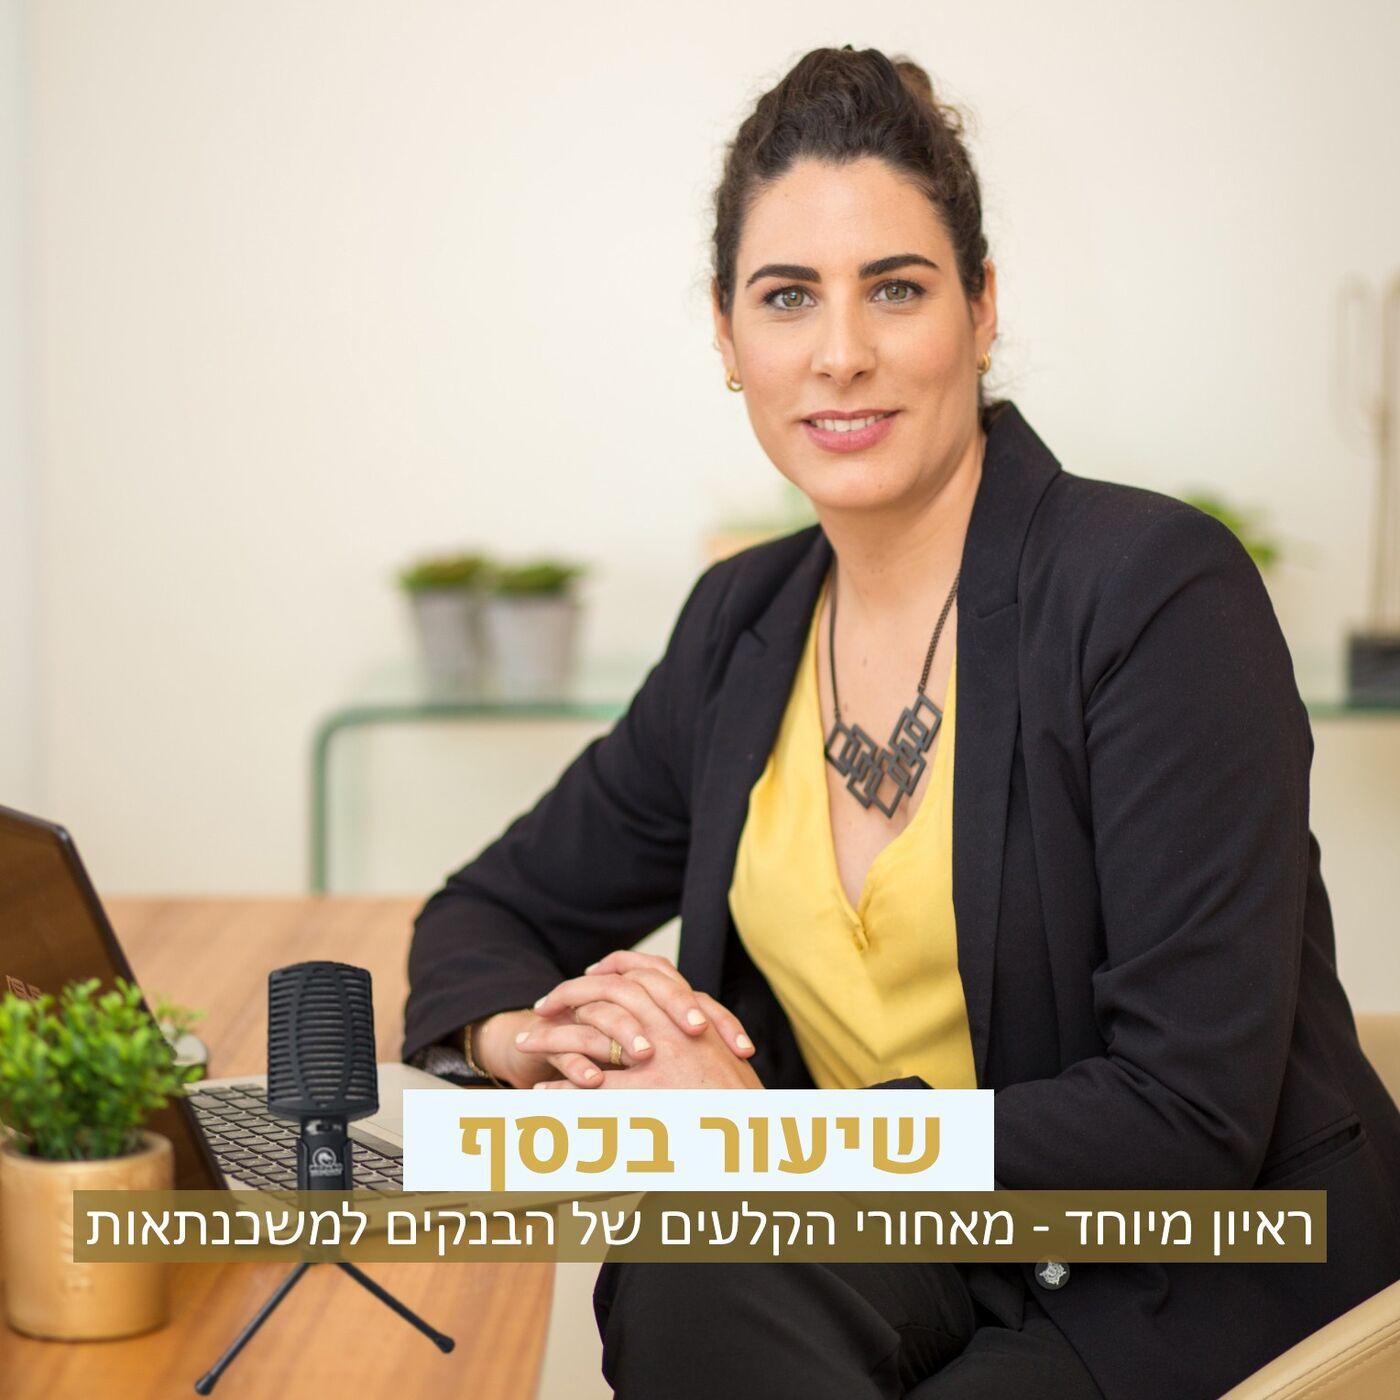 פרק 5 בפודקאסט של DNA משכנתאות || דניאל נחמיאס בראיון בלעדי עם מנהלת אגף המשכנתאות בבנק הכי גדול בישראל